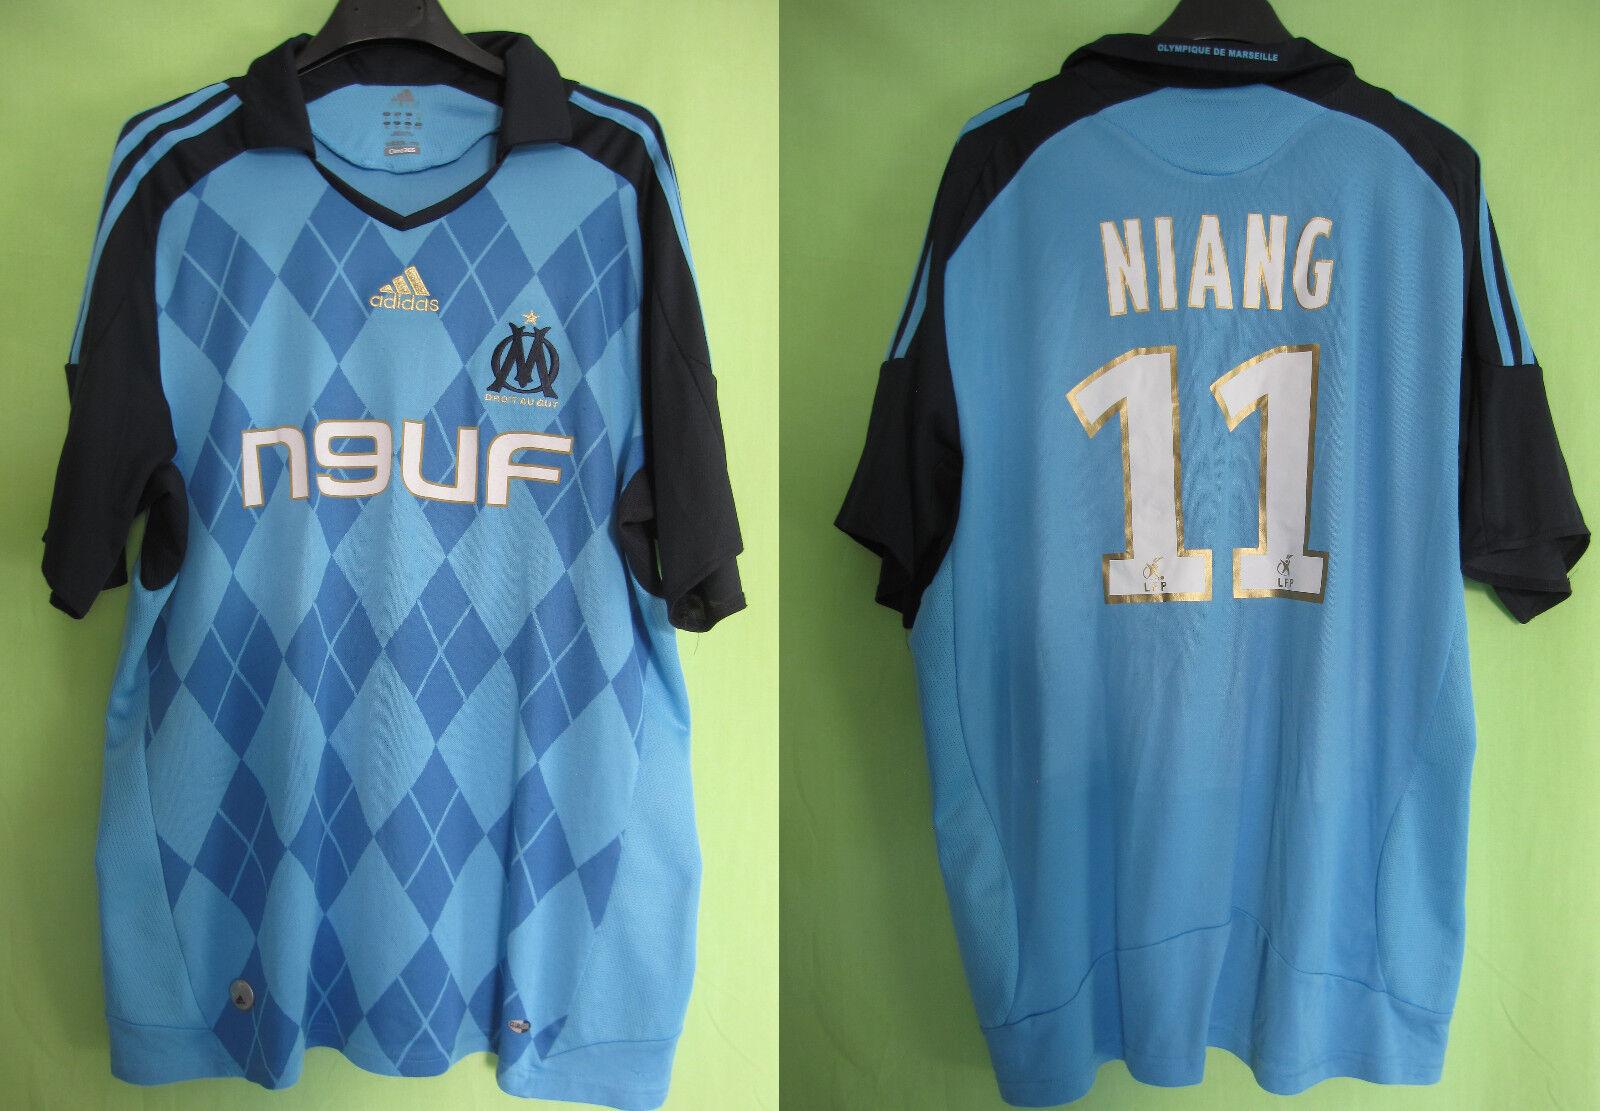 Maillot Olympique Marseille 2008 Adidas shirt Niang  11 OM Neuf Telecom  XL